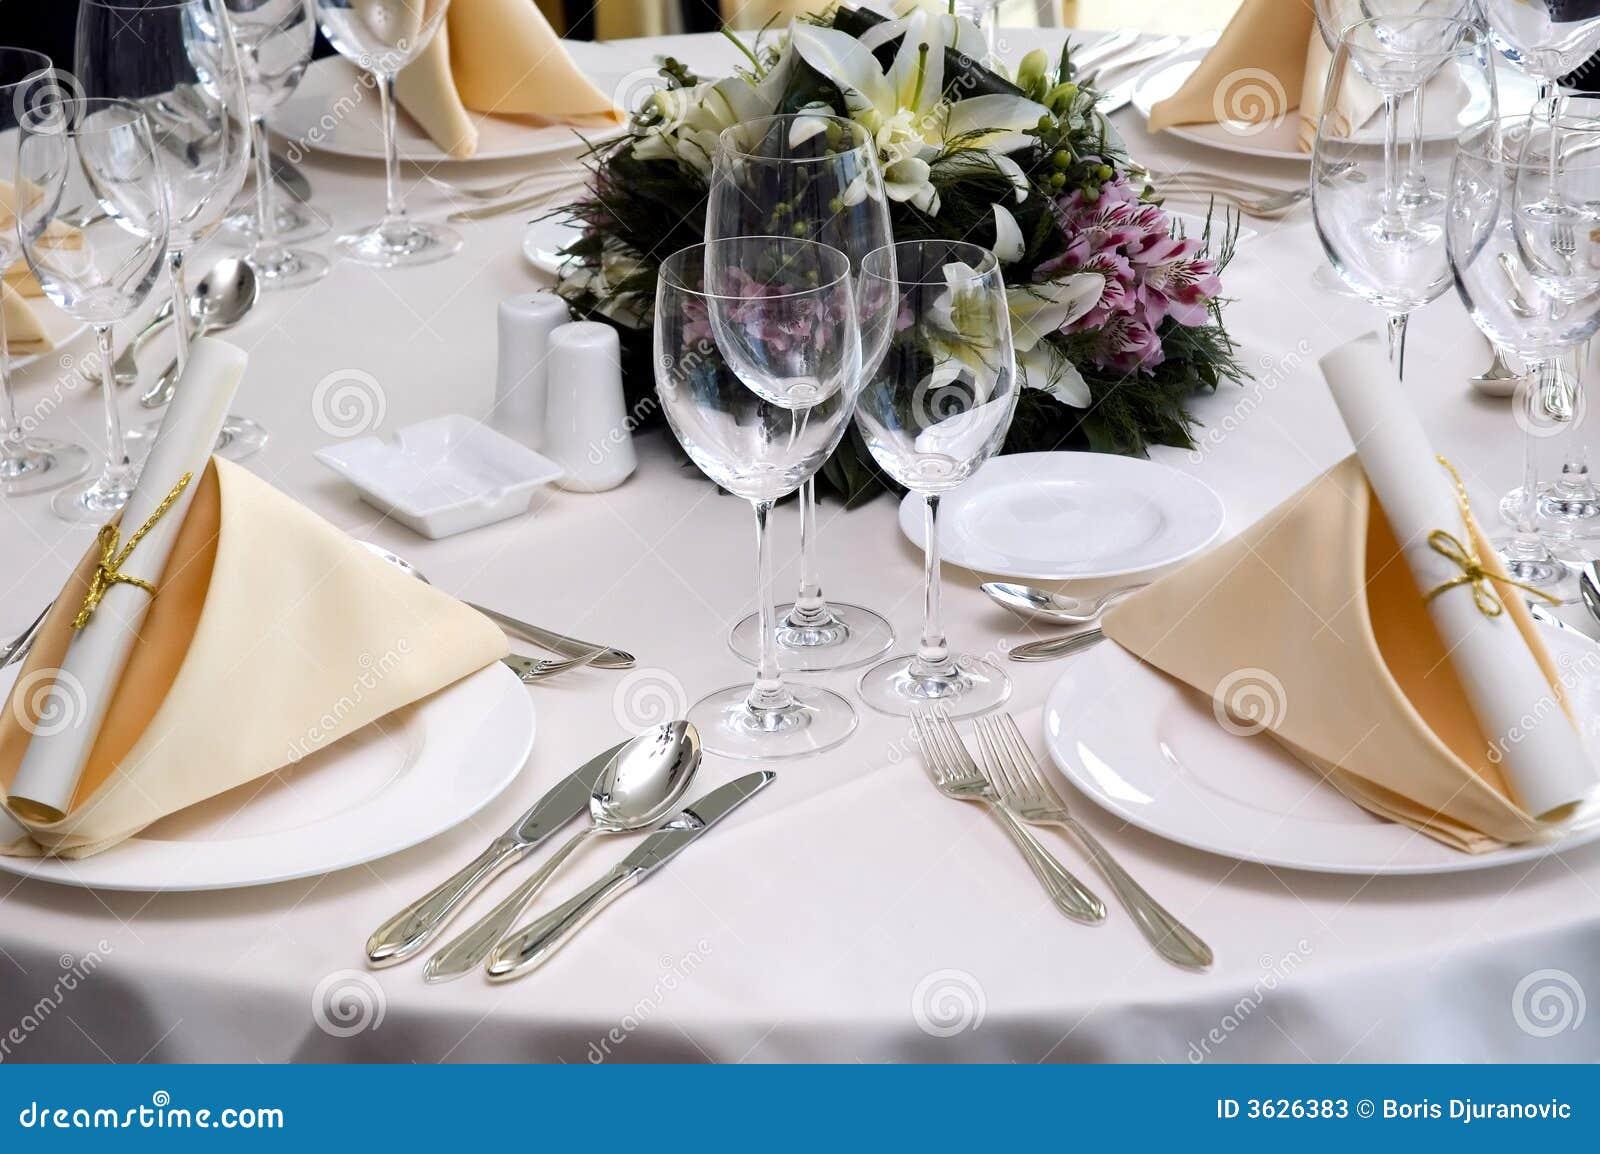 Tavolo Da Pranzo Di Cerimonia Nuziale Fotografie Stock - Immagine: 3626383